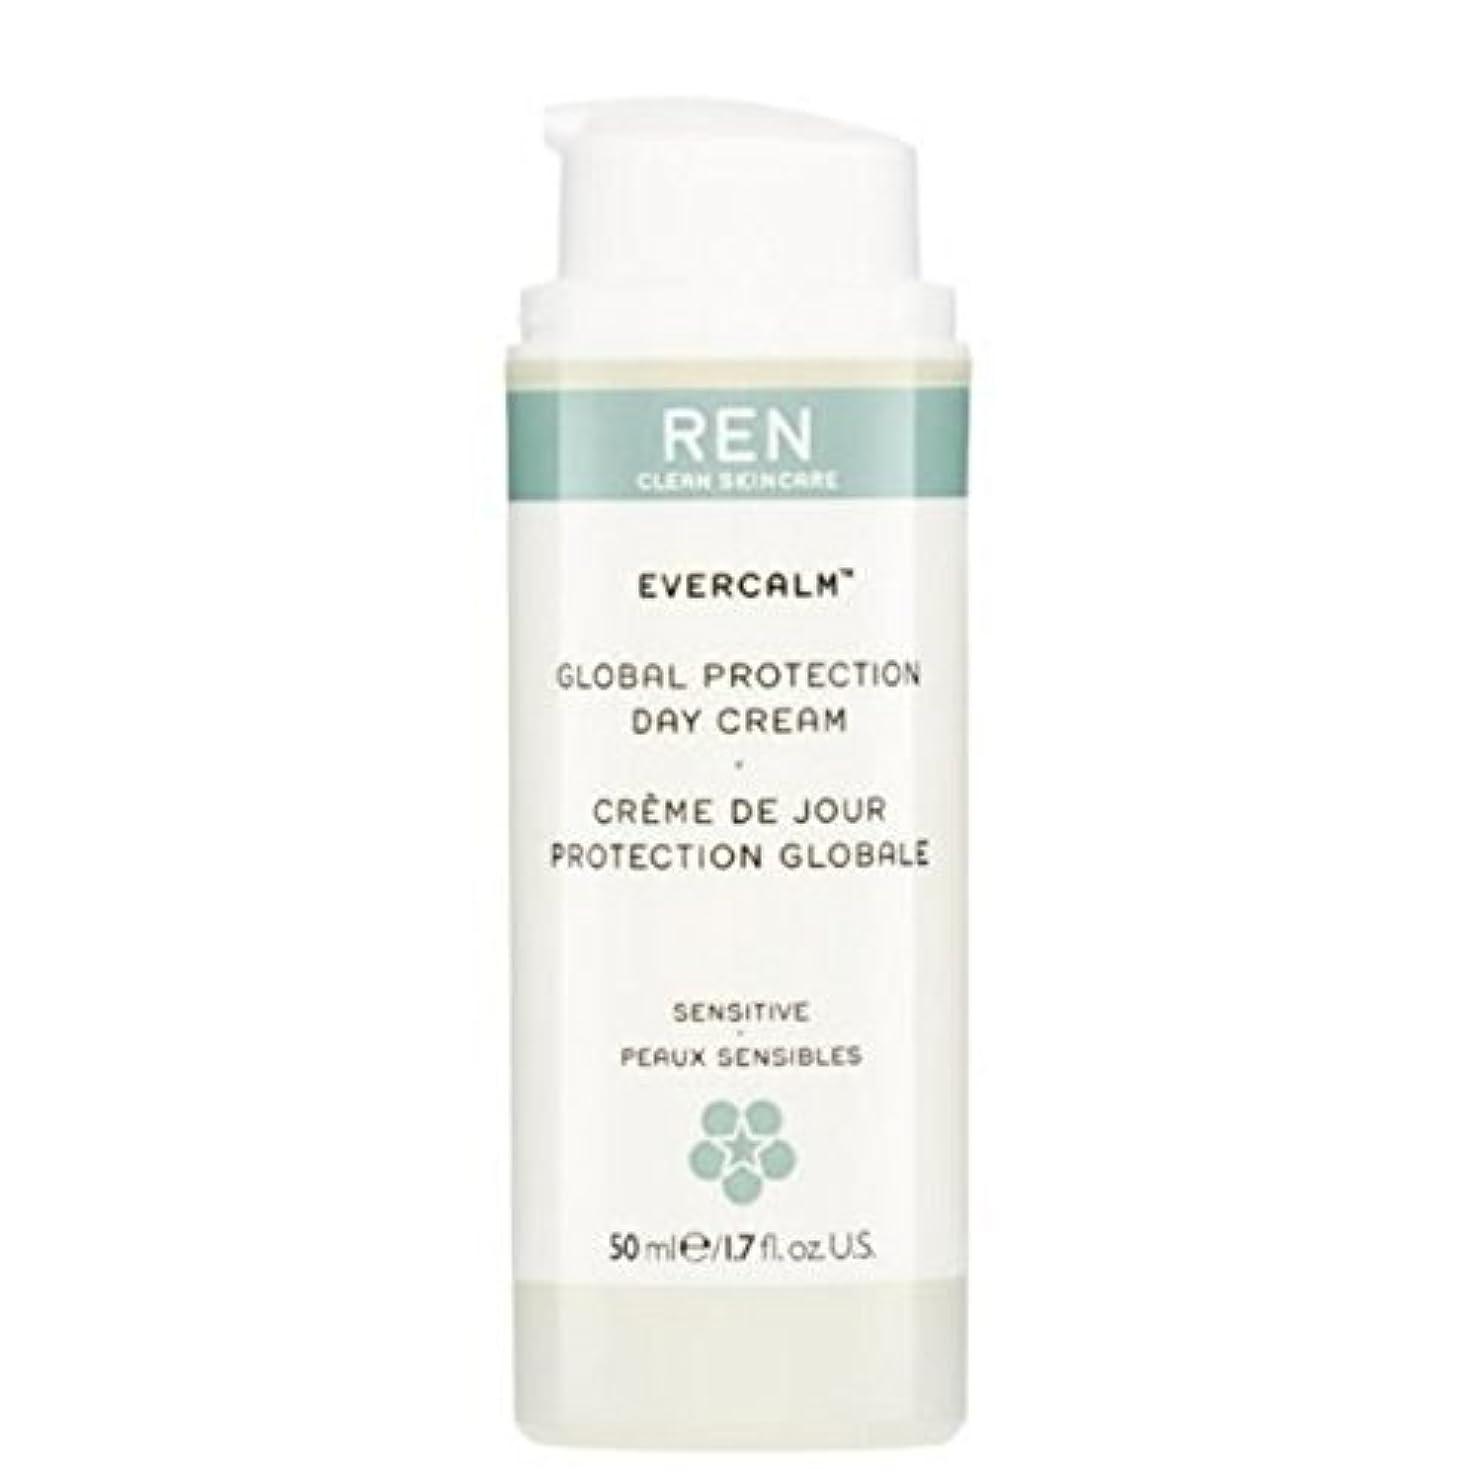 テレビを見る使役到着グローバルプロテクションデイクリーム x2 - REN Evercalm Global Protection Day Cream (Pack of 2) [並行輸入品]